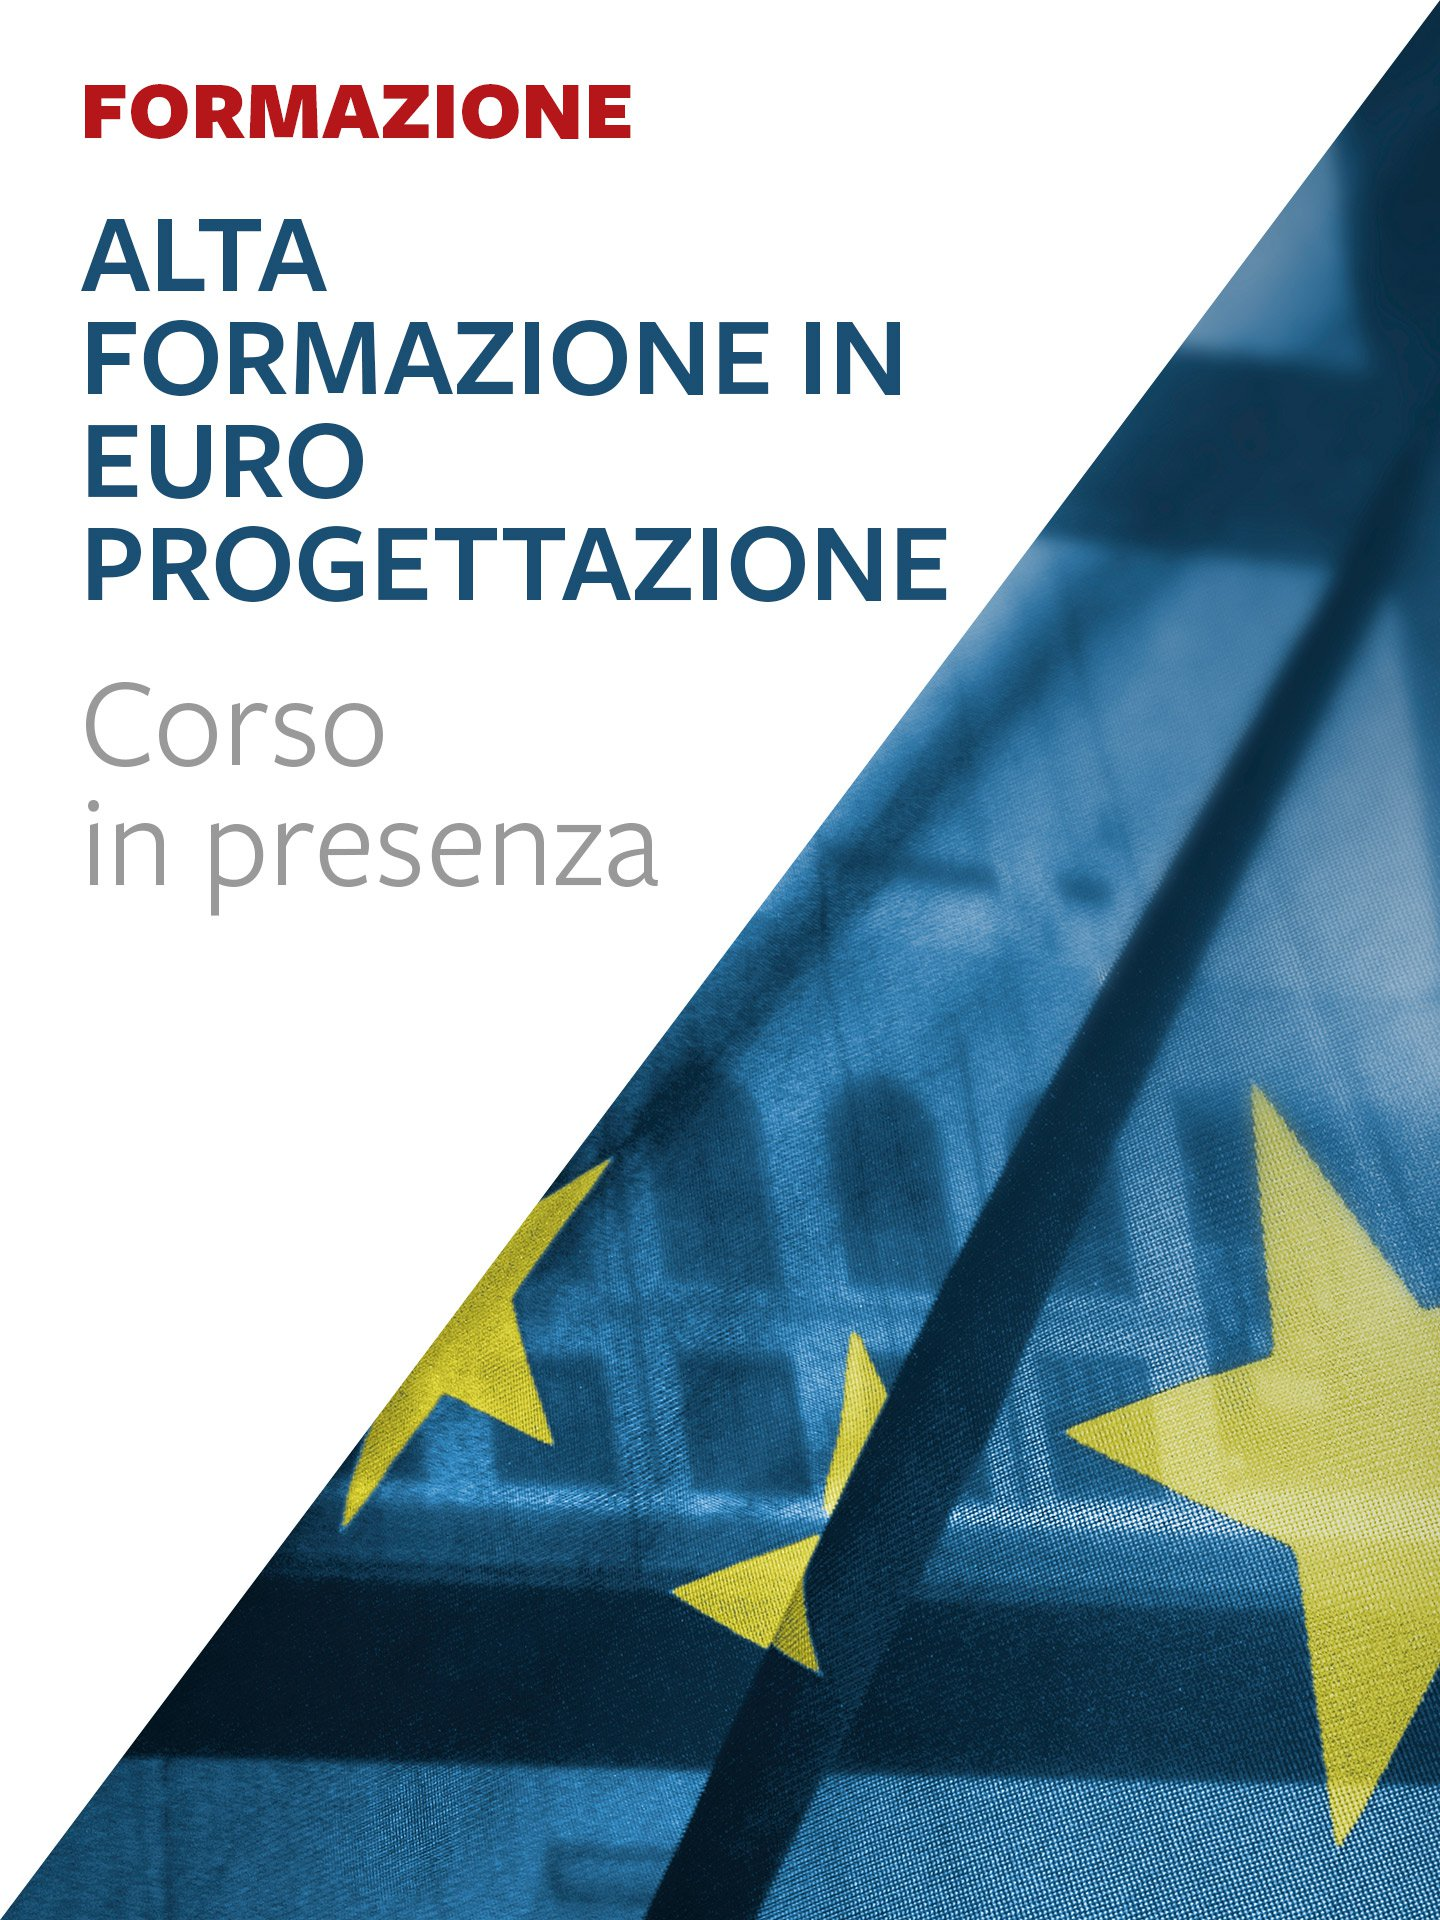 Alta formazione in Europrogettazione - Roma - Motricità consapevole e riabilitazione logopedica - Libri - Erickson